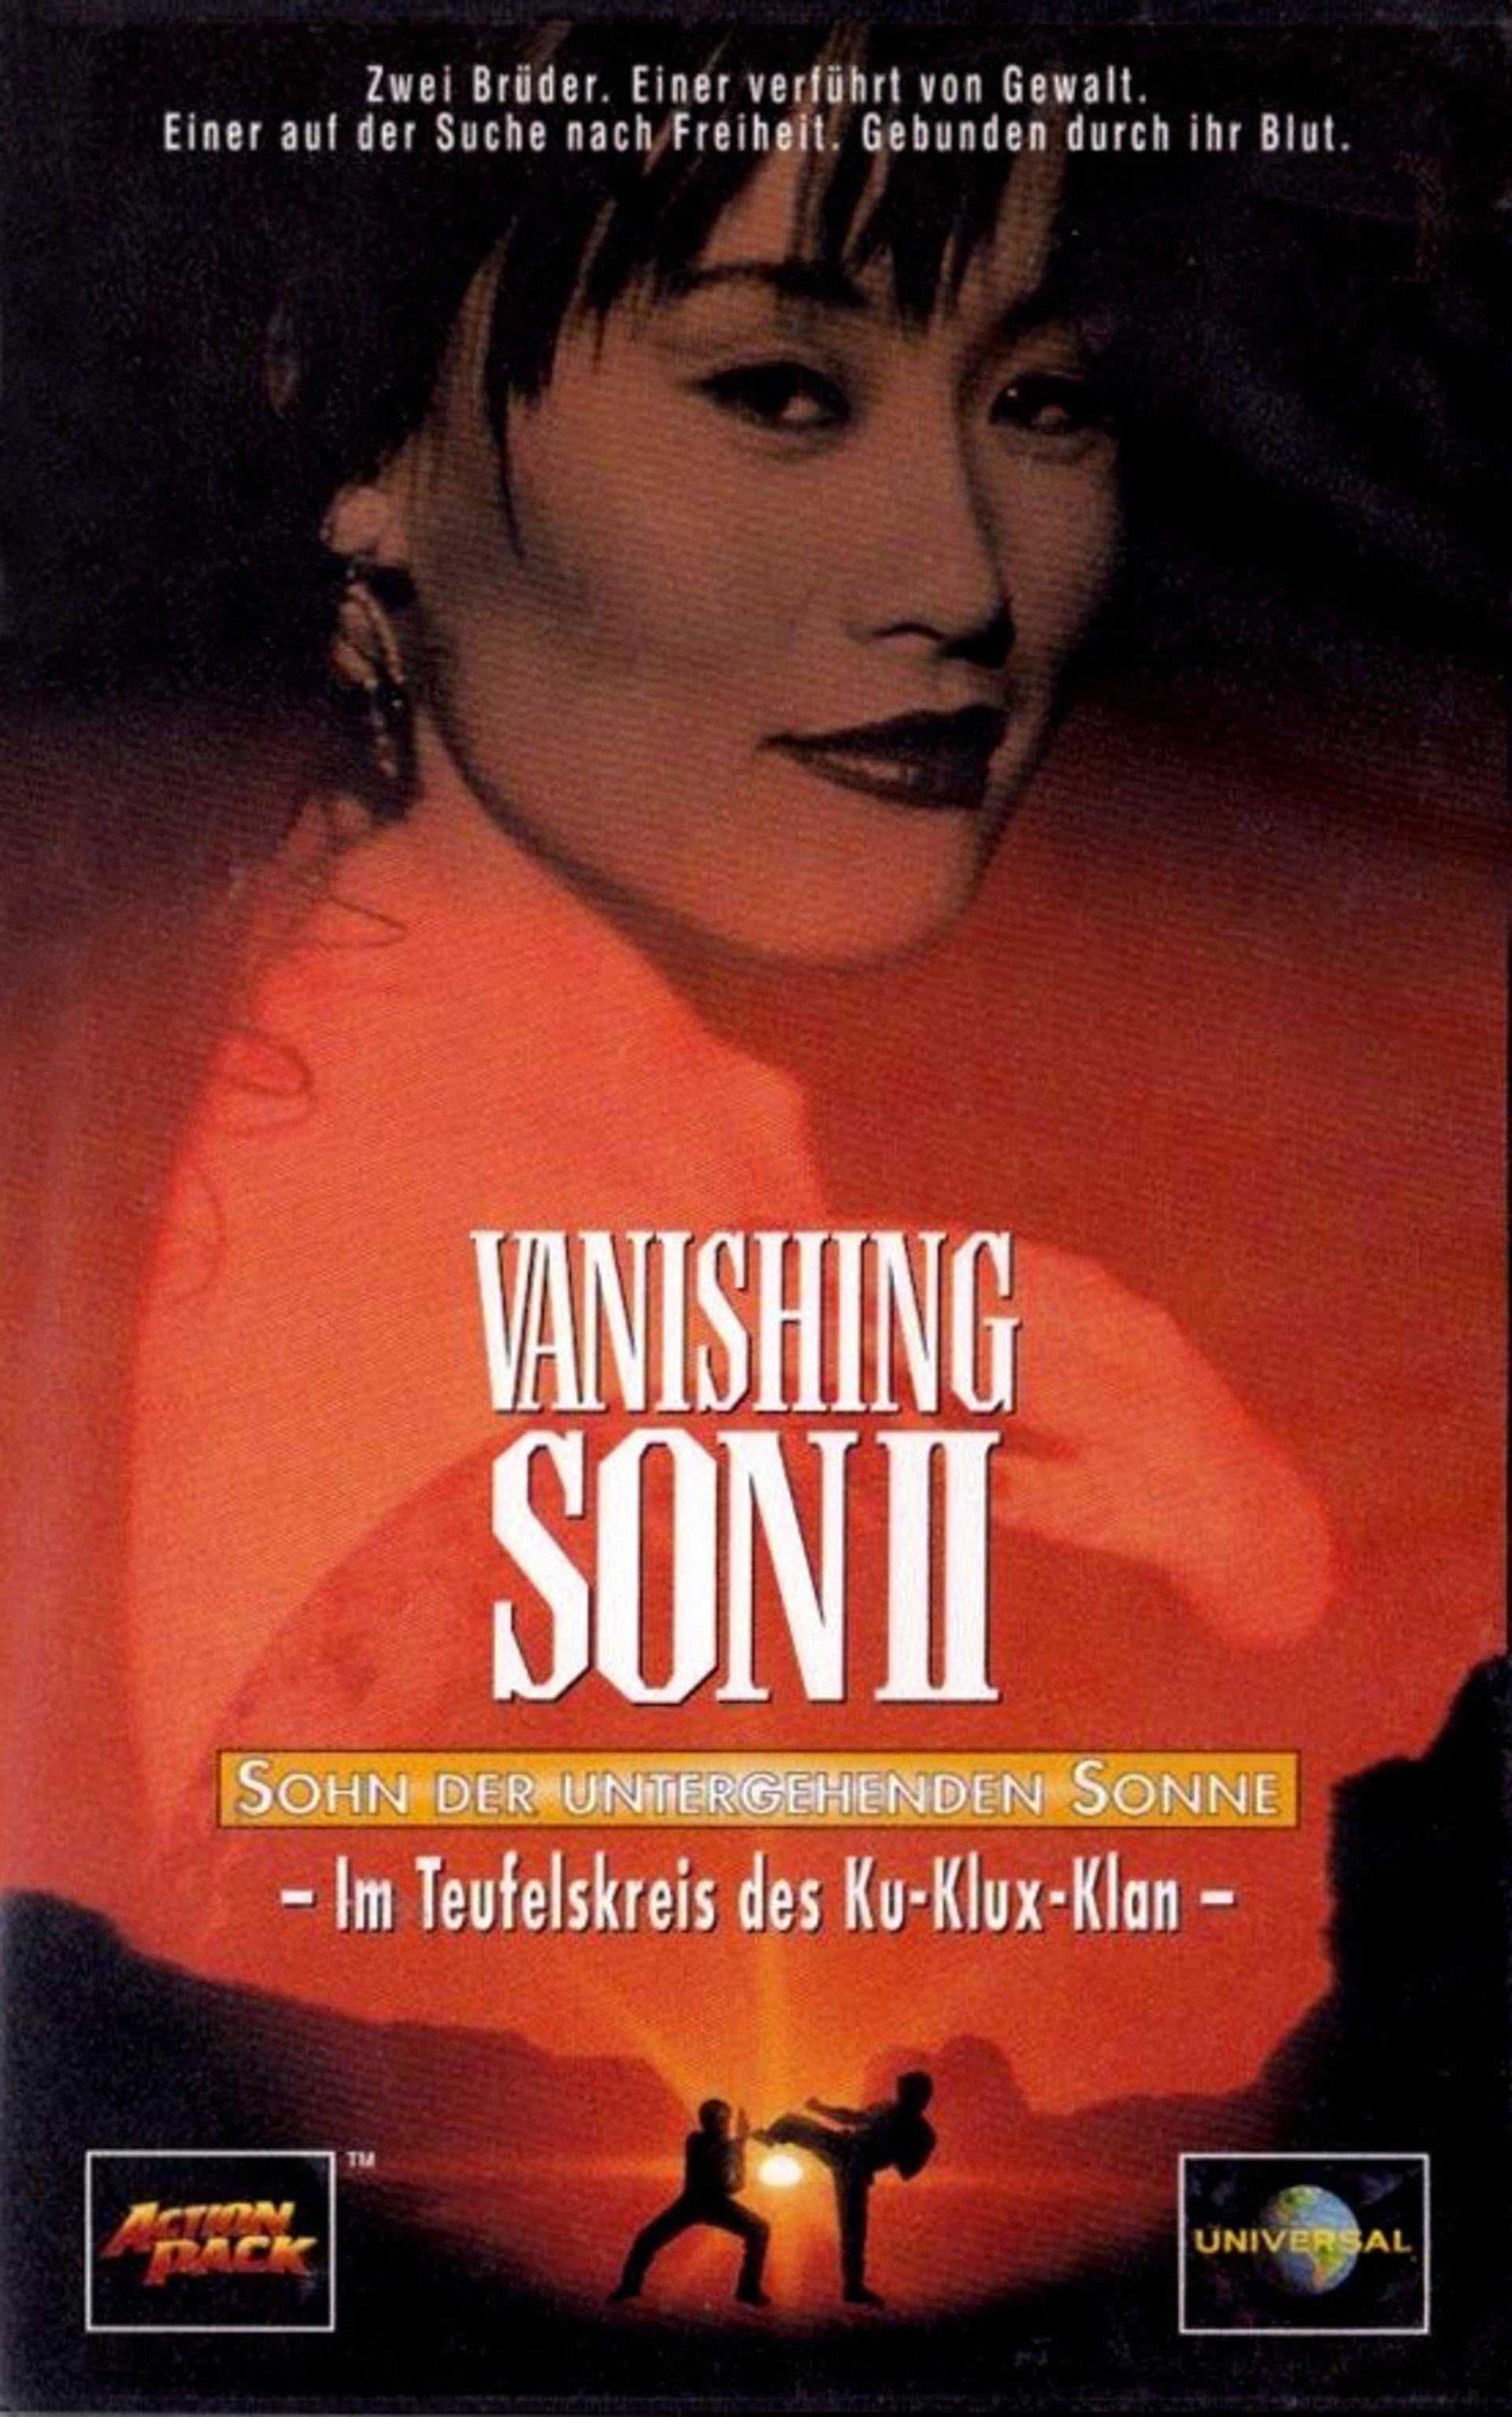 Vanishing Son II (1994)